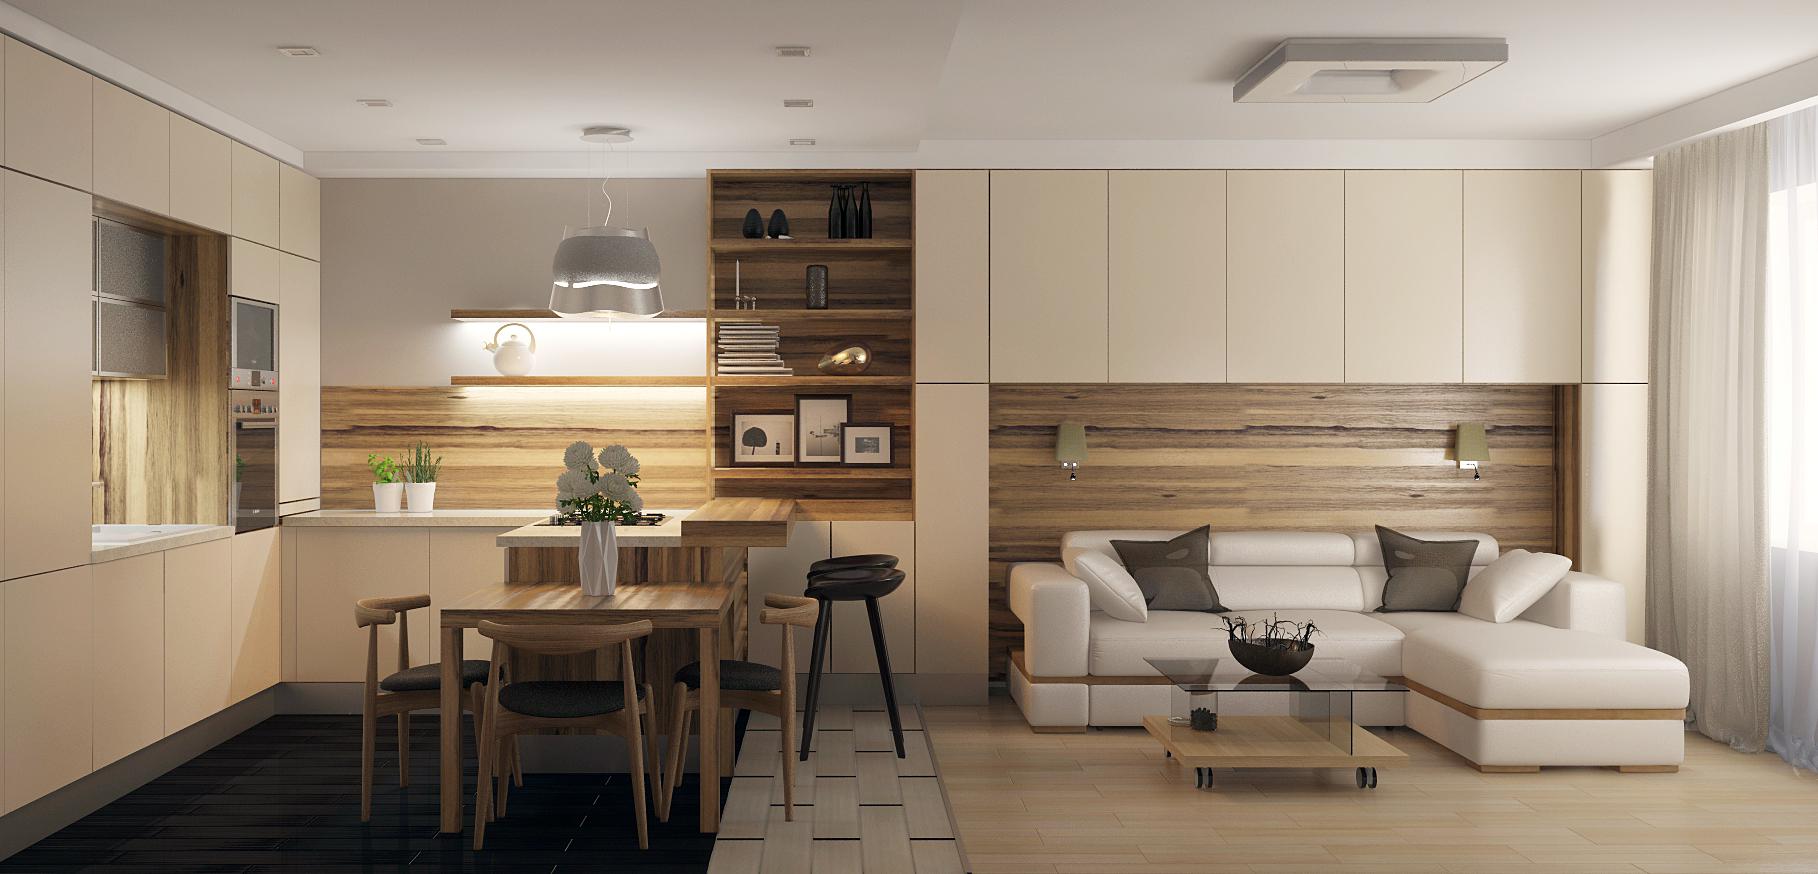 Кухня-гостиная в эко стиле